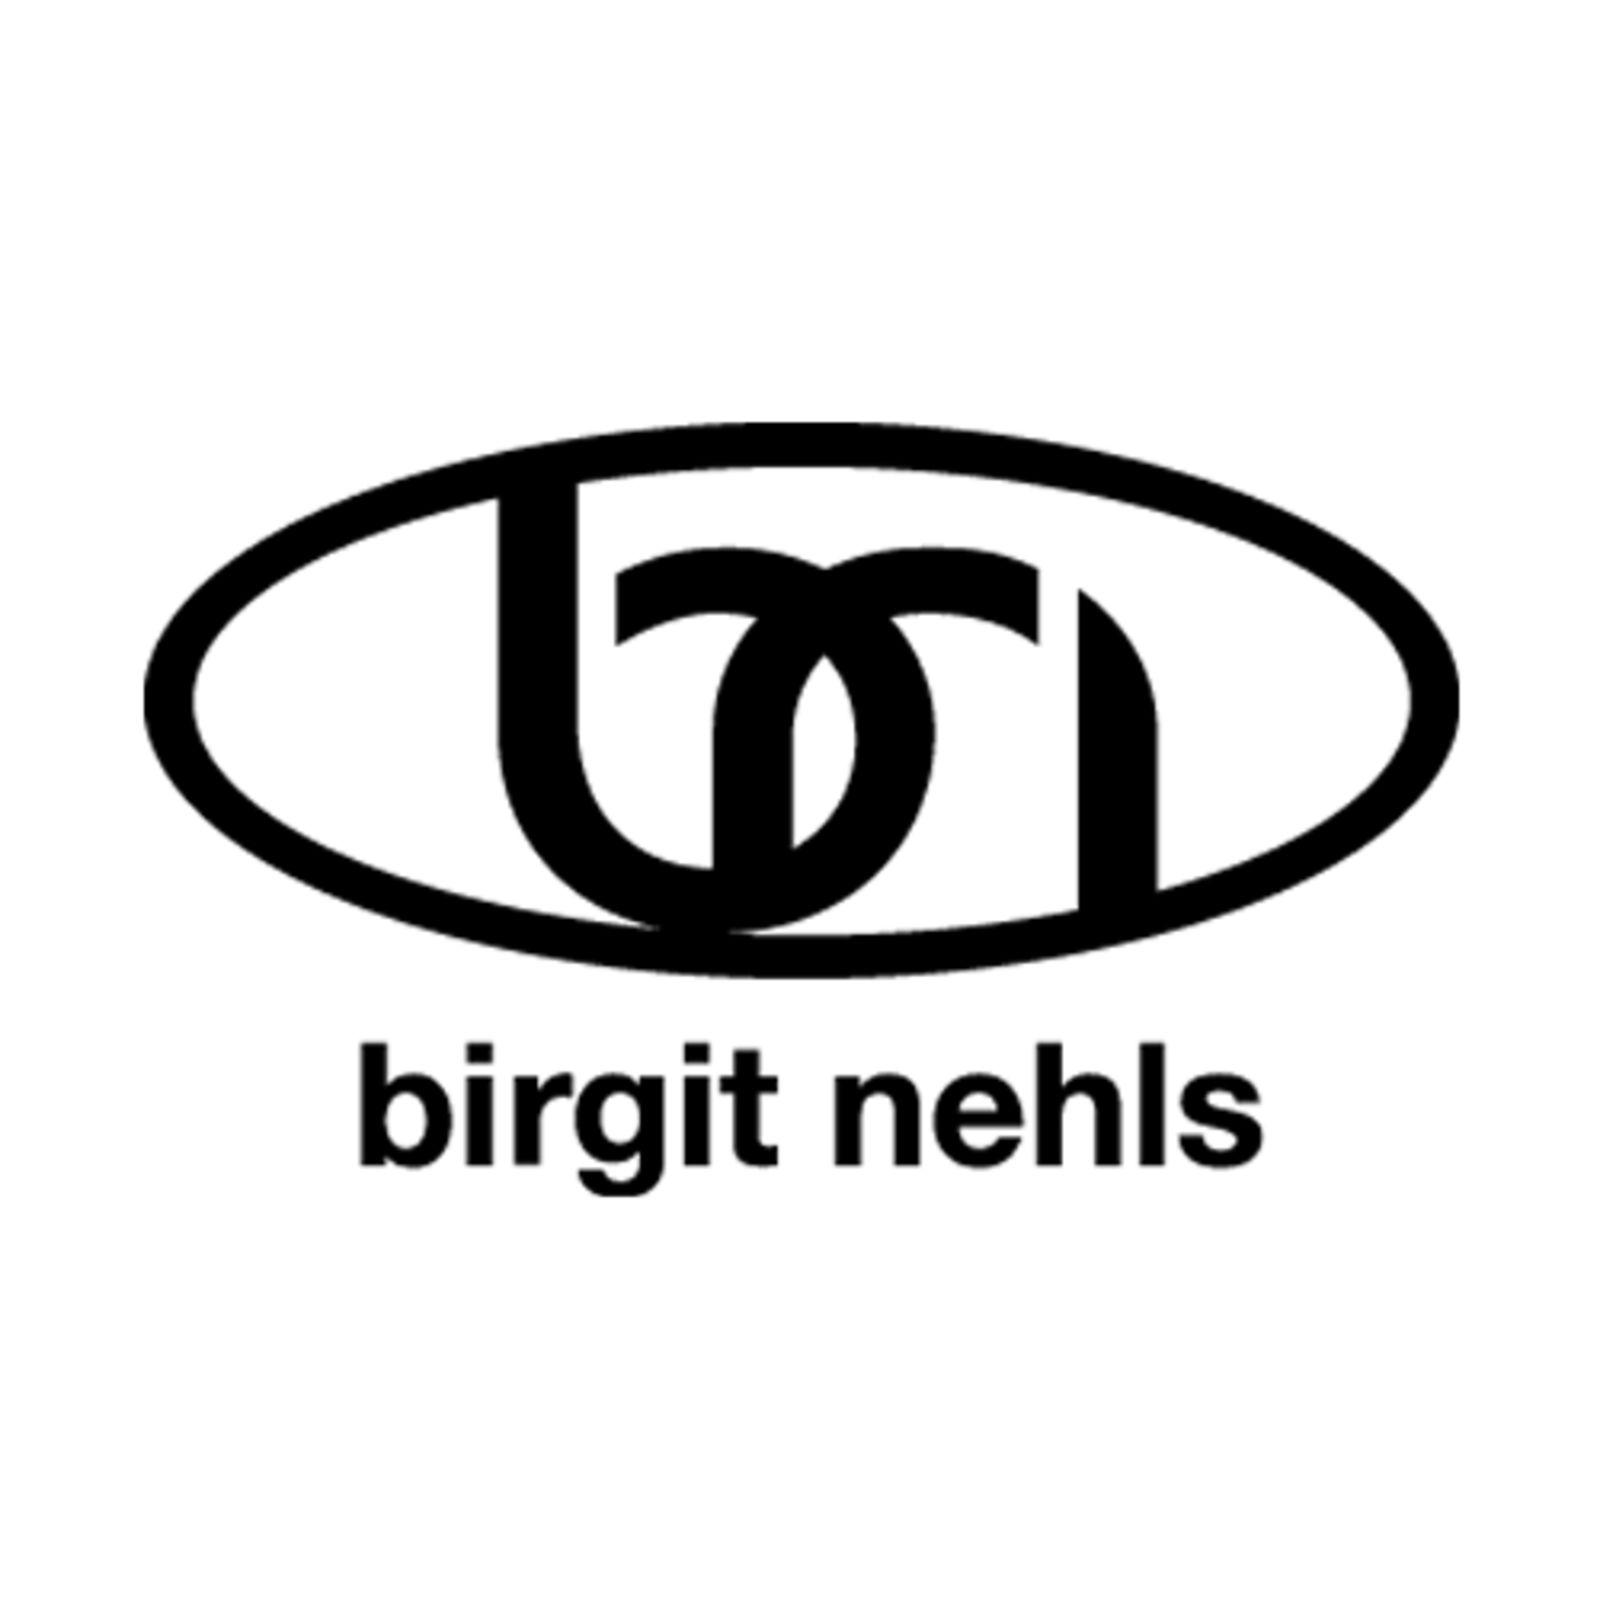 Birgit Nehls (Image 1)